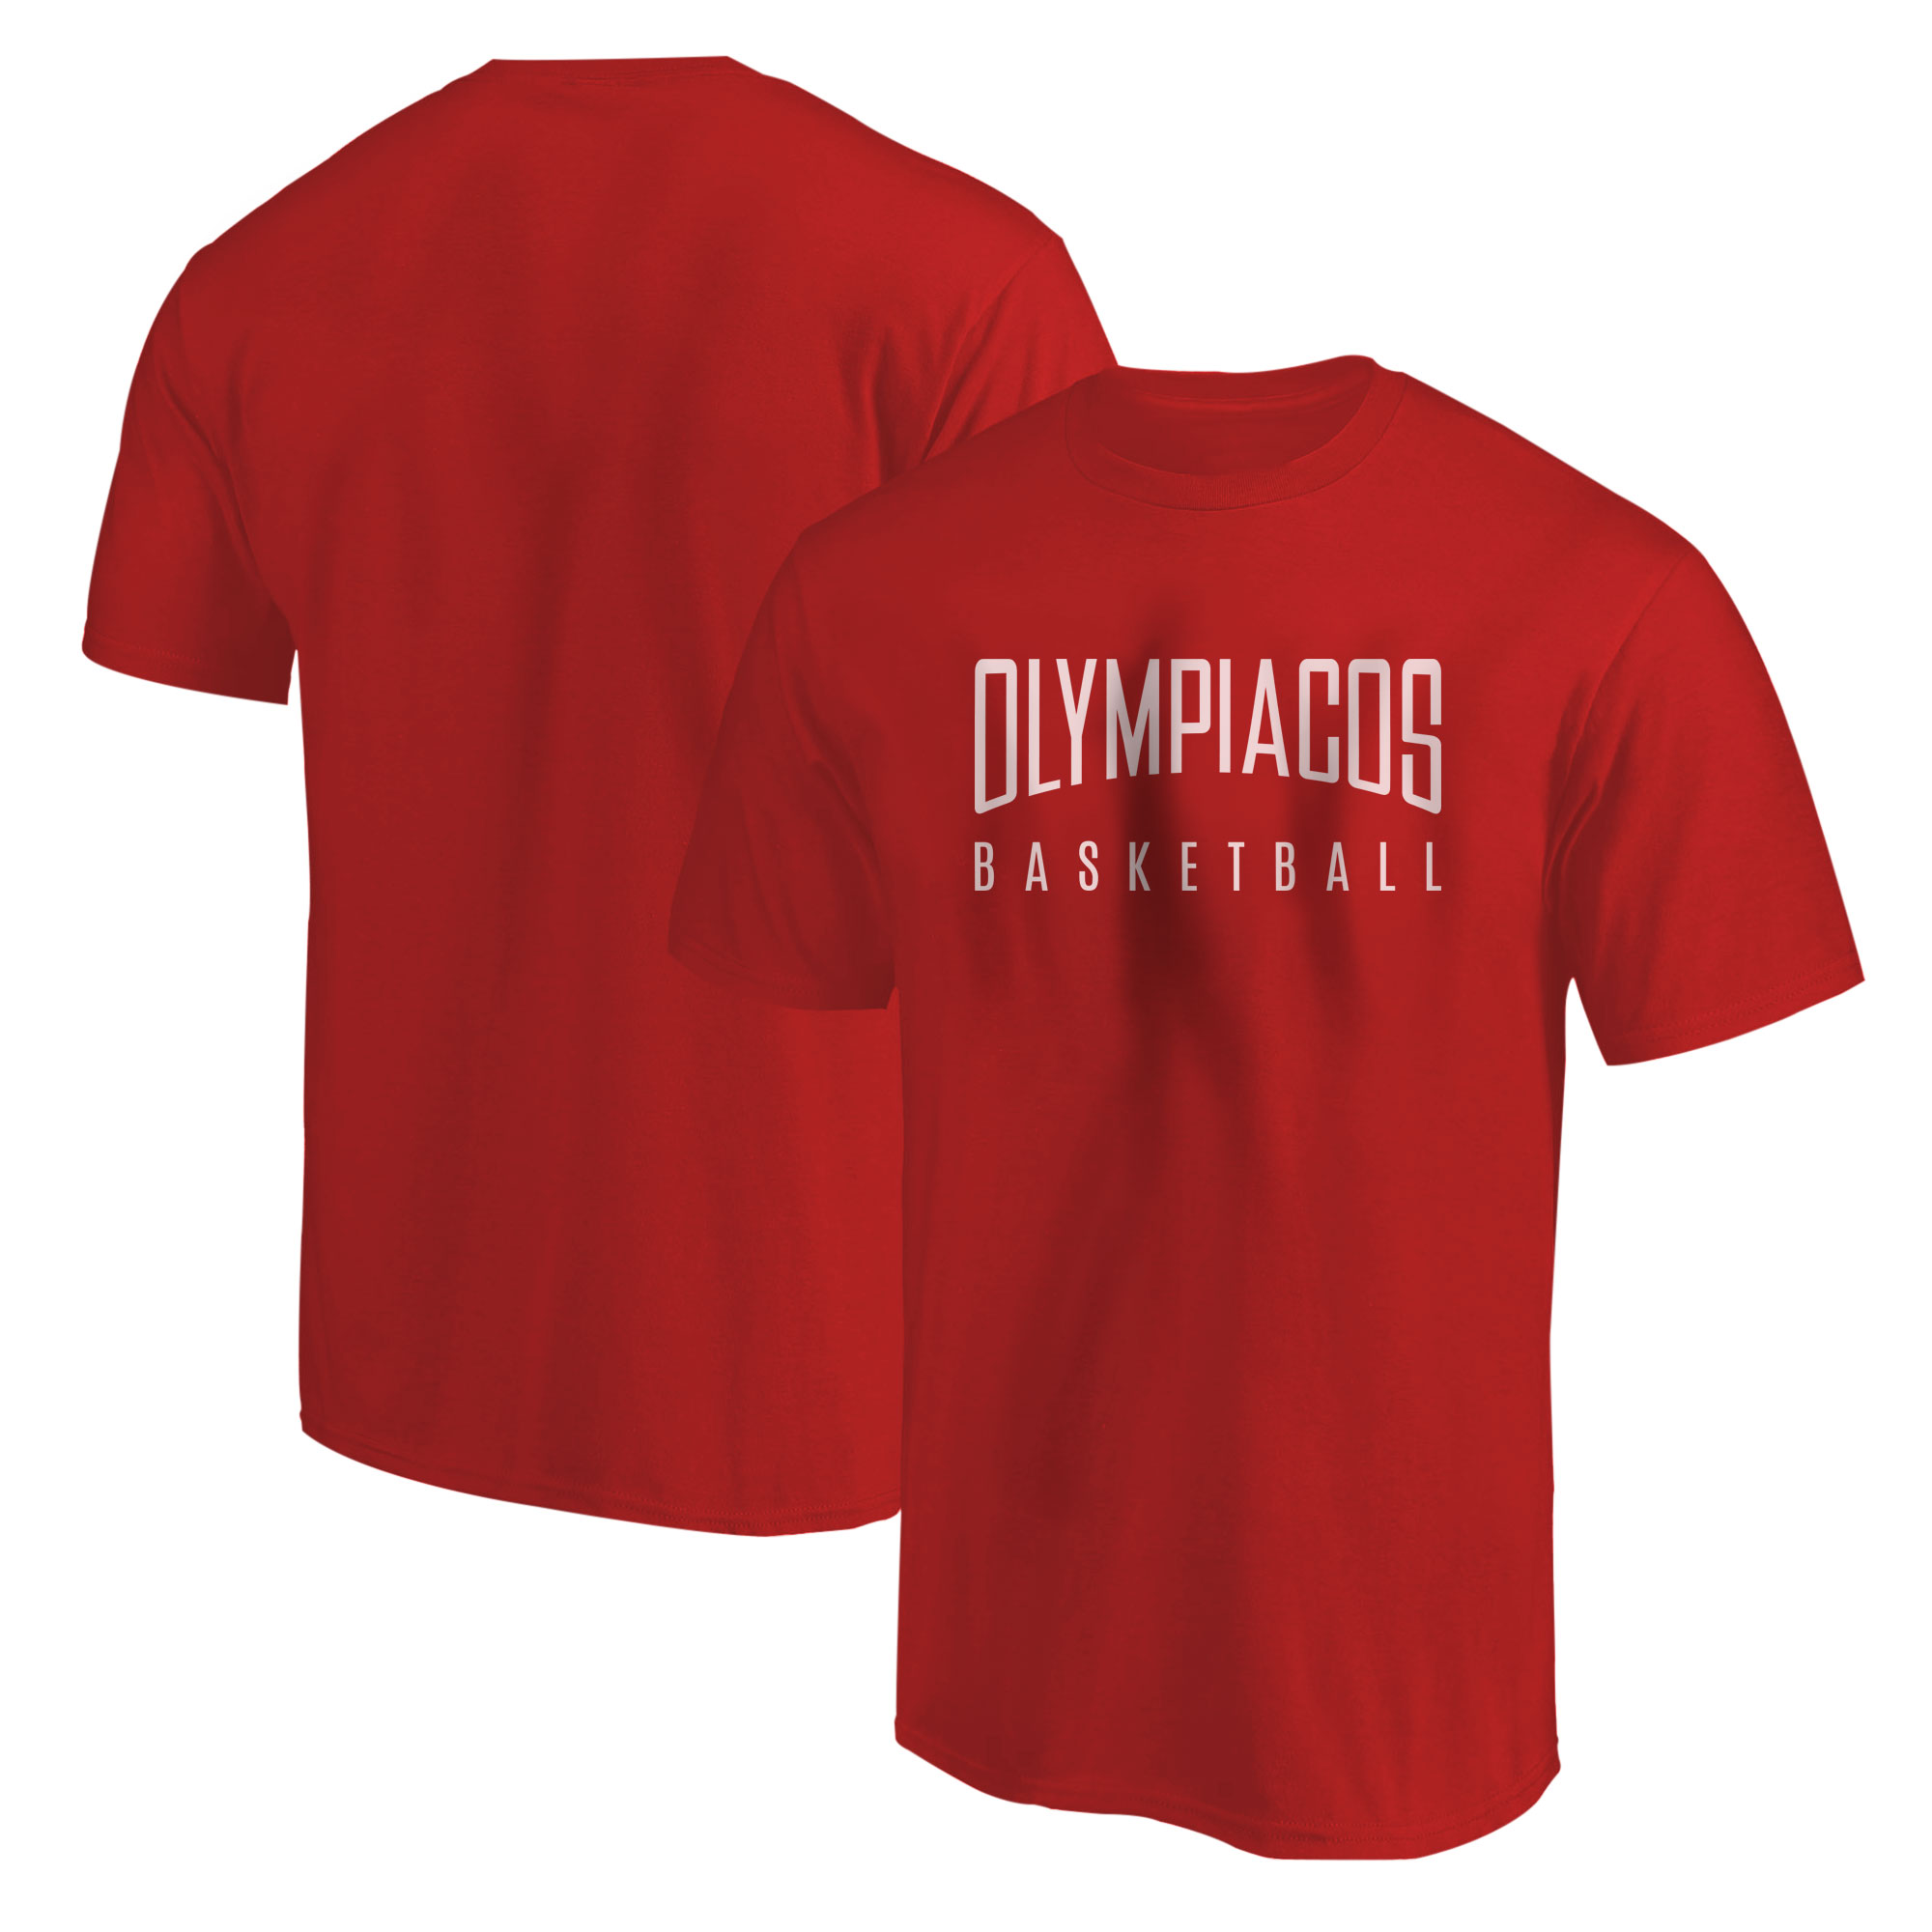 Olympiakos Basketball Tshirt (TSH-RED-NP-OLYMPIAKOS-609)